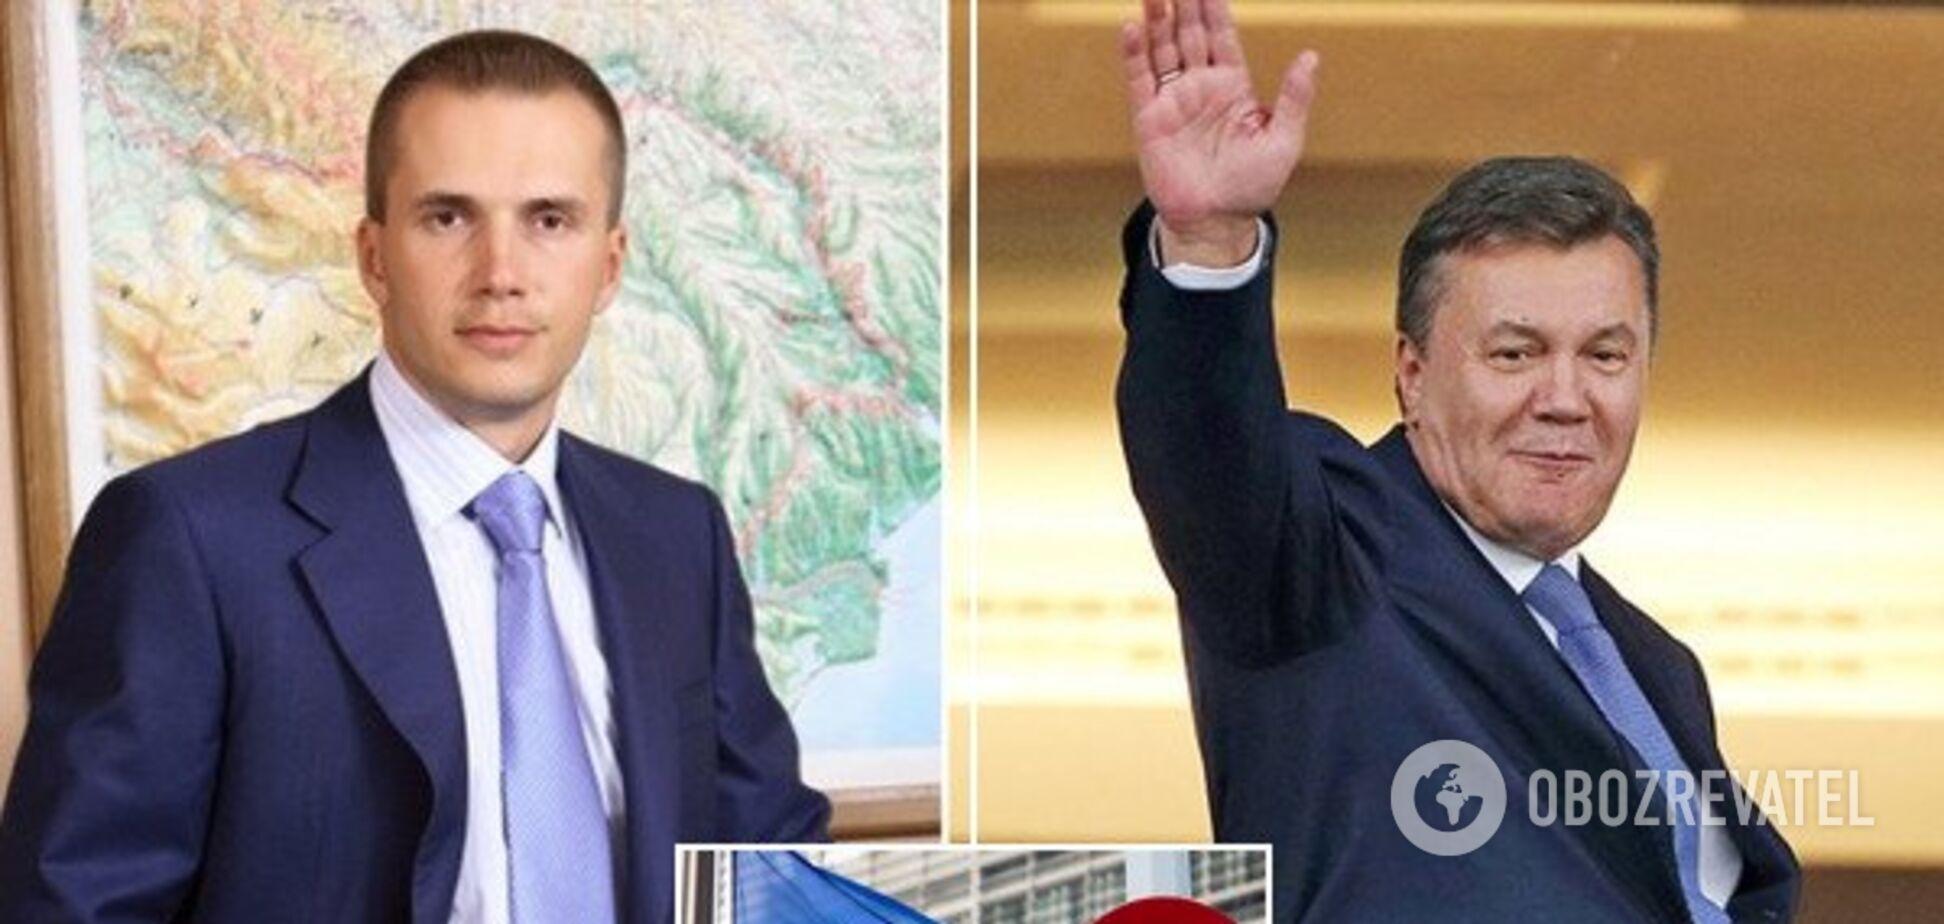 Суд ЄС раптово зняв санкції з Януковича: що відбувається